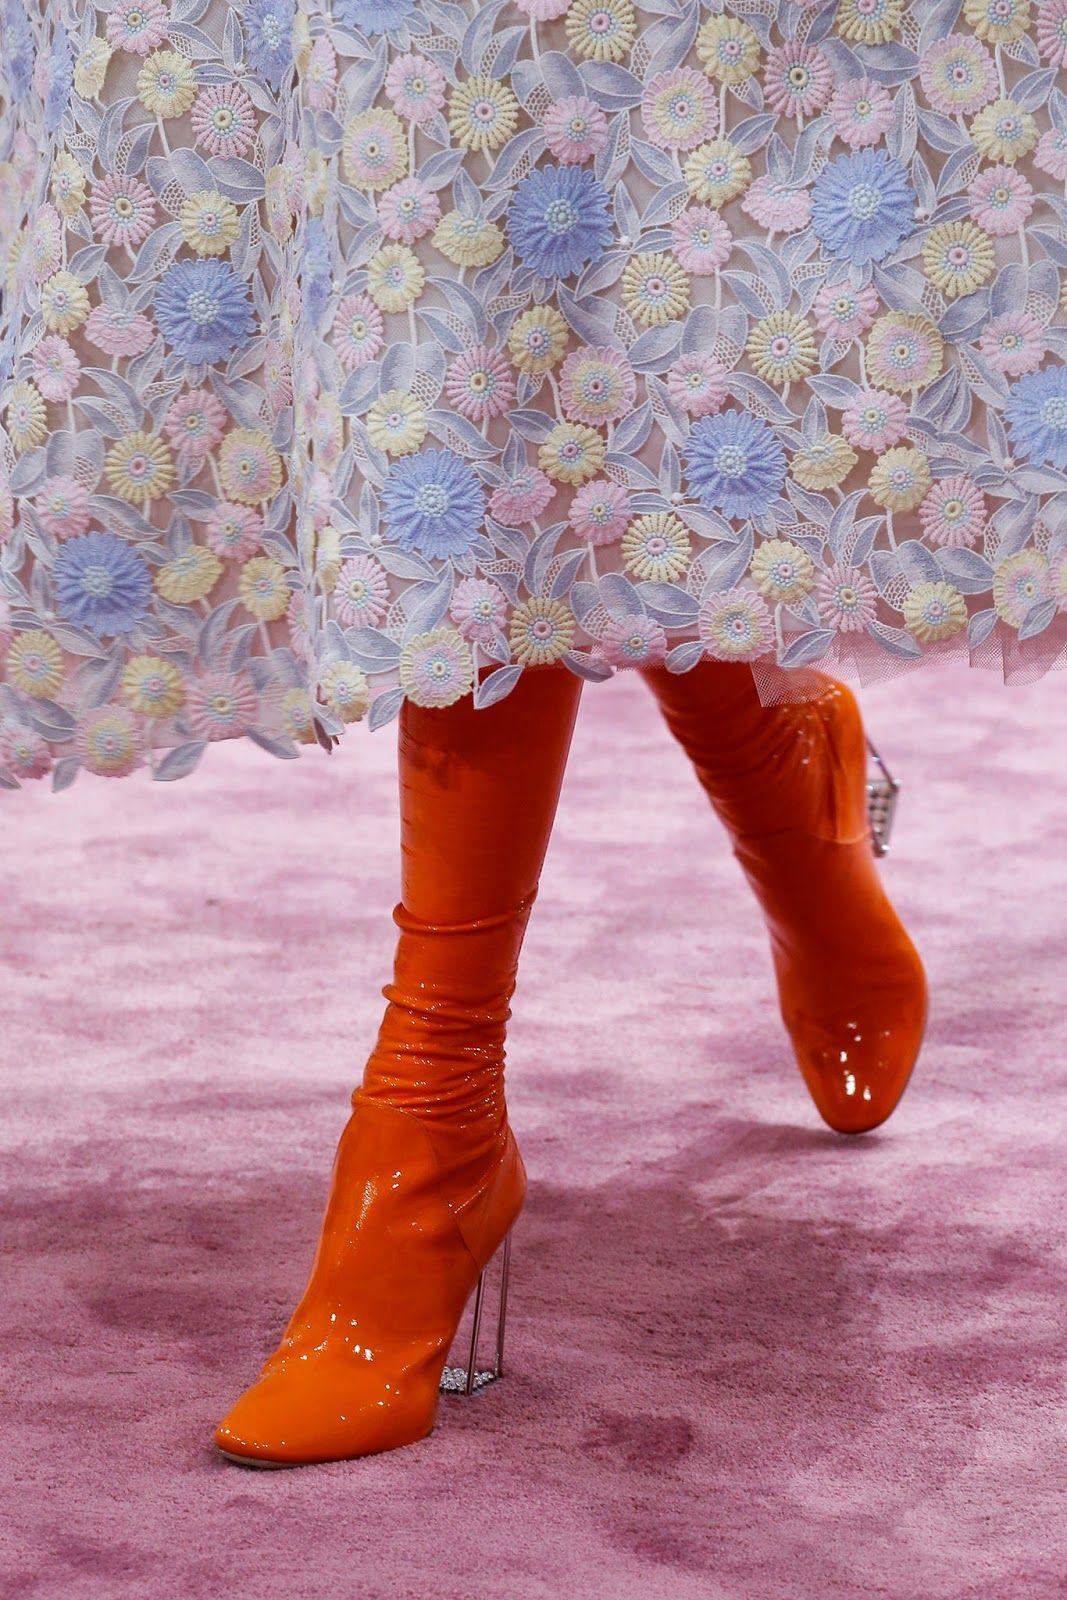 Tiratela Di Meno! - Il Fashion Blog che non è snob -: Haute Couture - It's the finer details that count